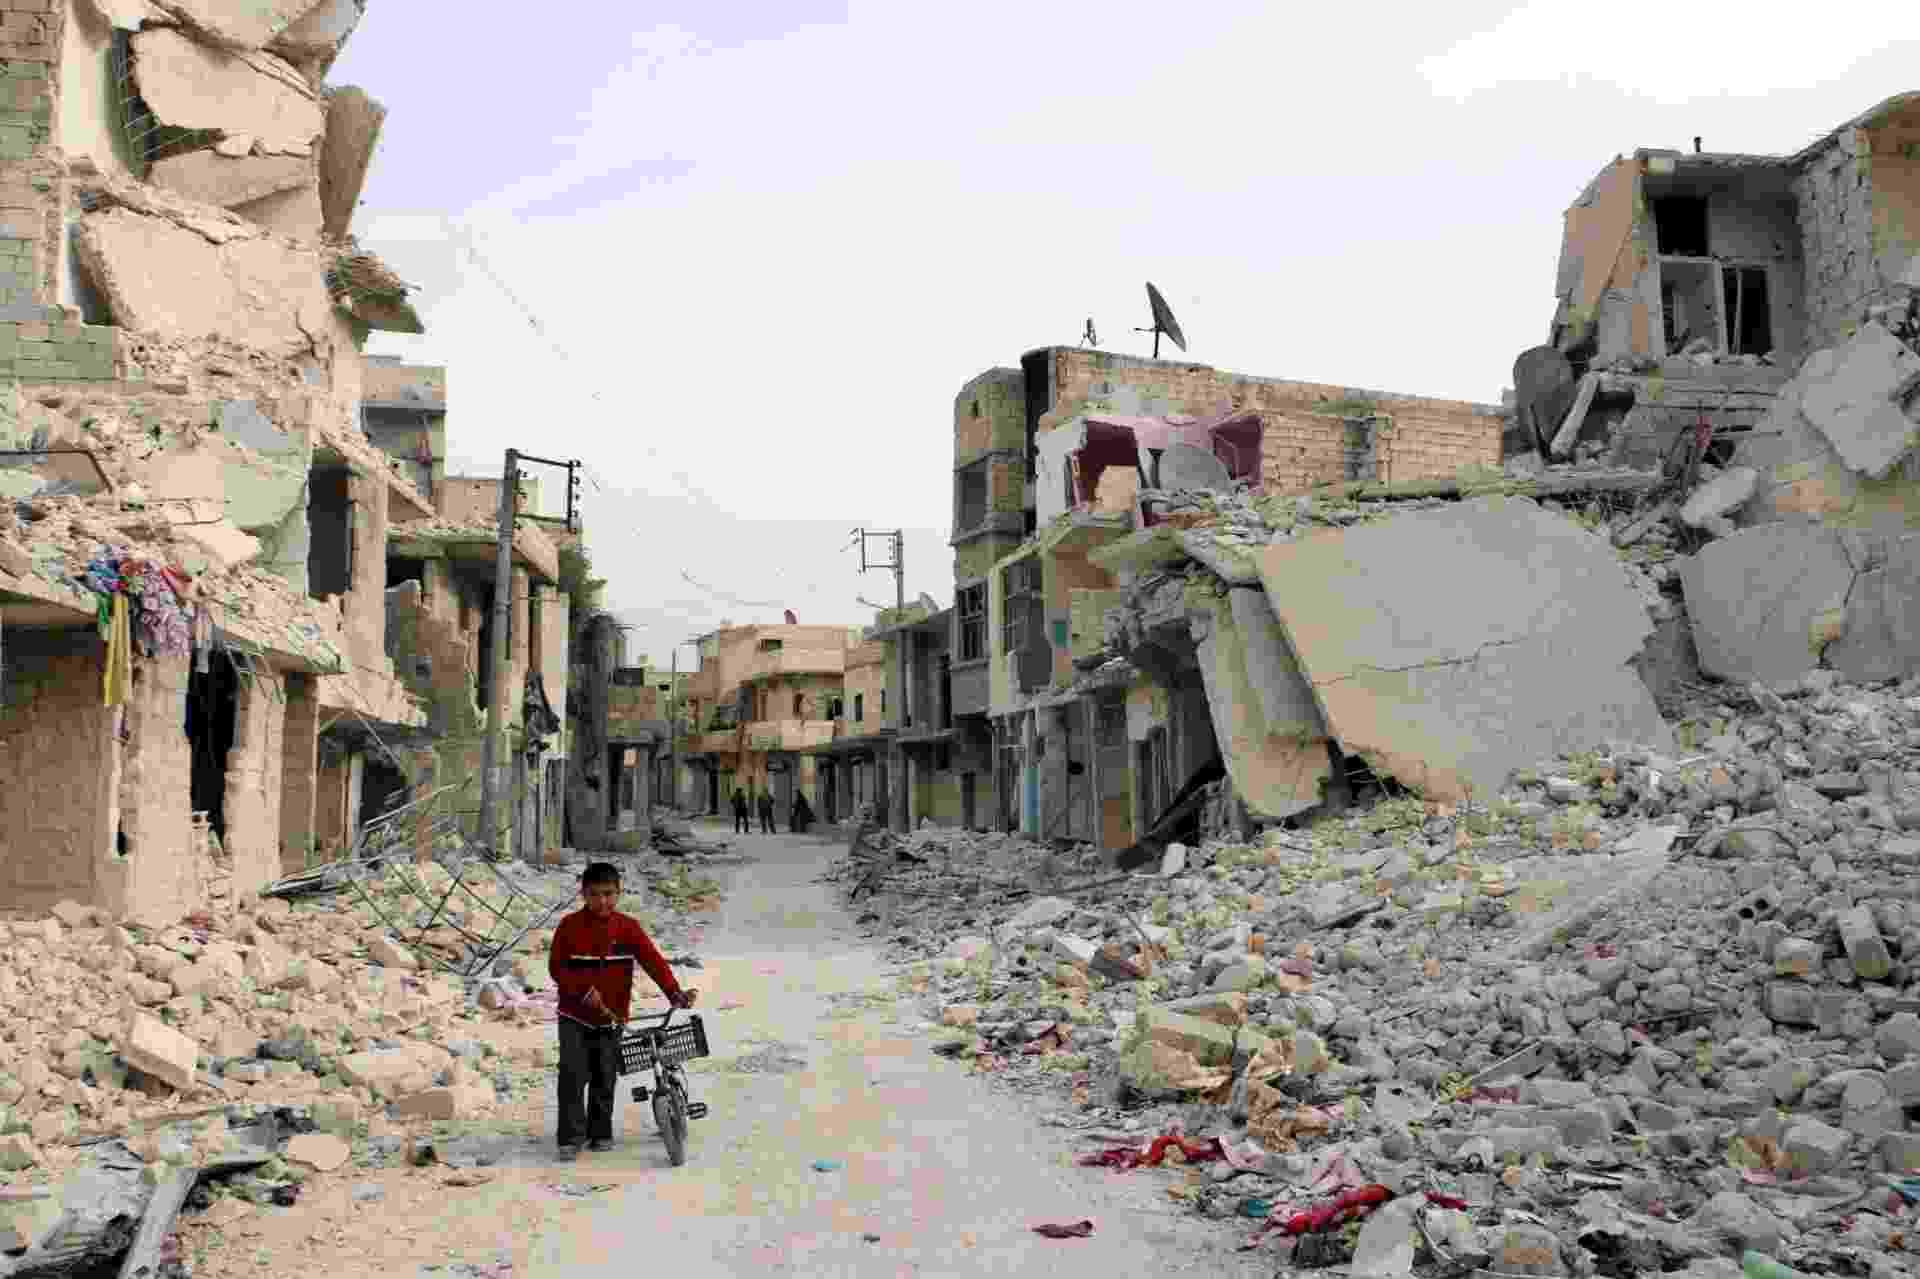 13.nov.2014 - Menino caminha com bicicleta em bairro destruído de Aleppo, na Síria - Baraa al-Halabi/AFP